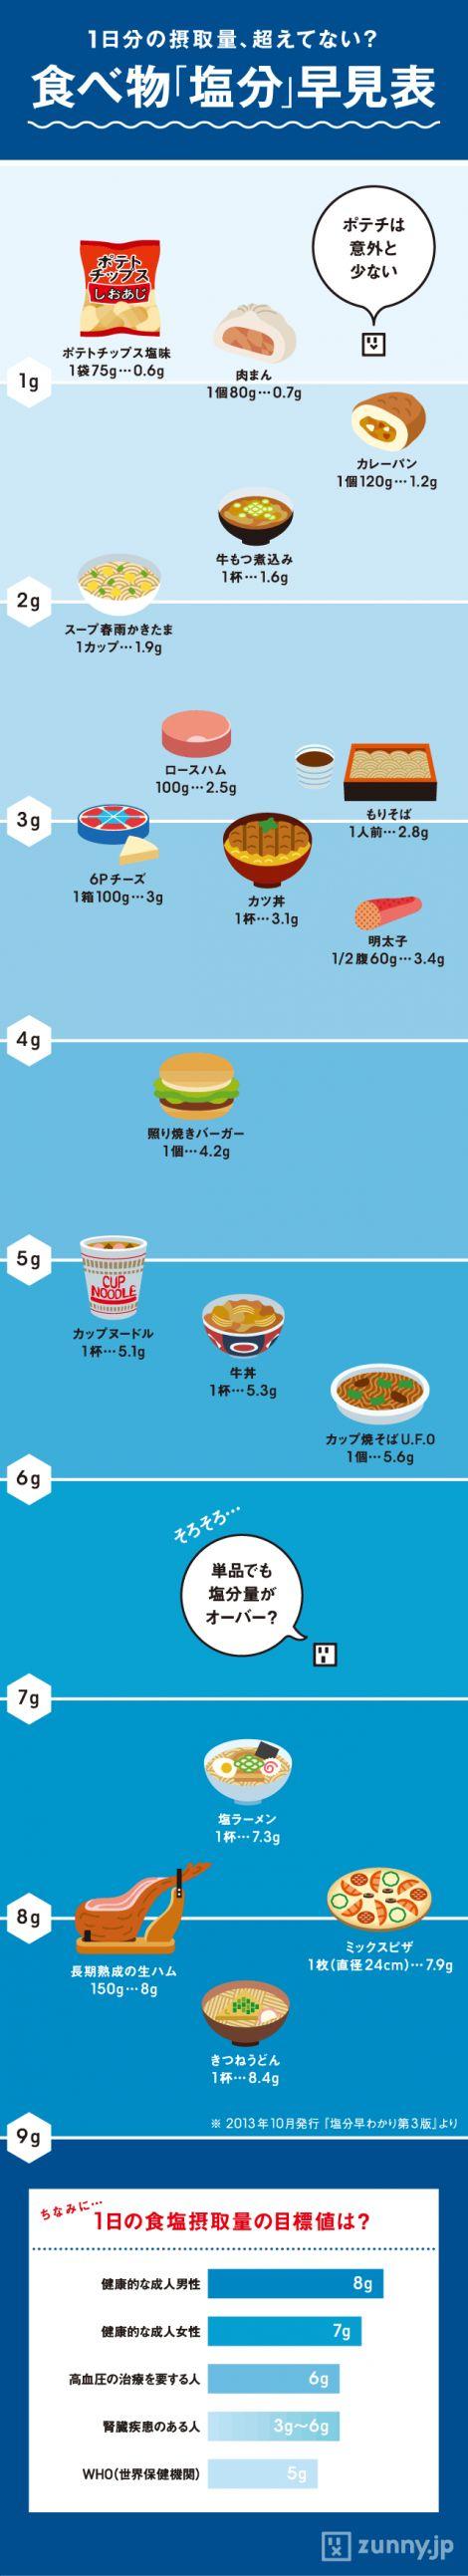 身近な食べ物に含まれる「塩分量」早見表 | ZUNNY